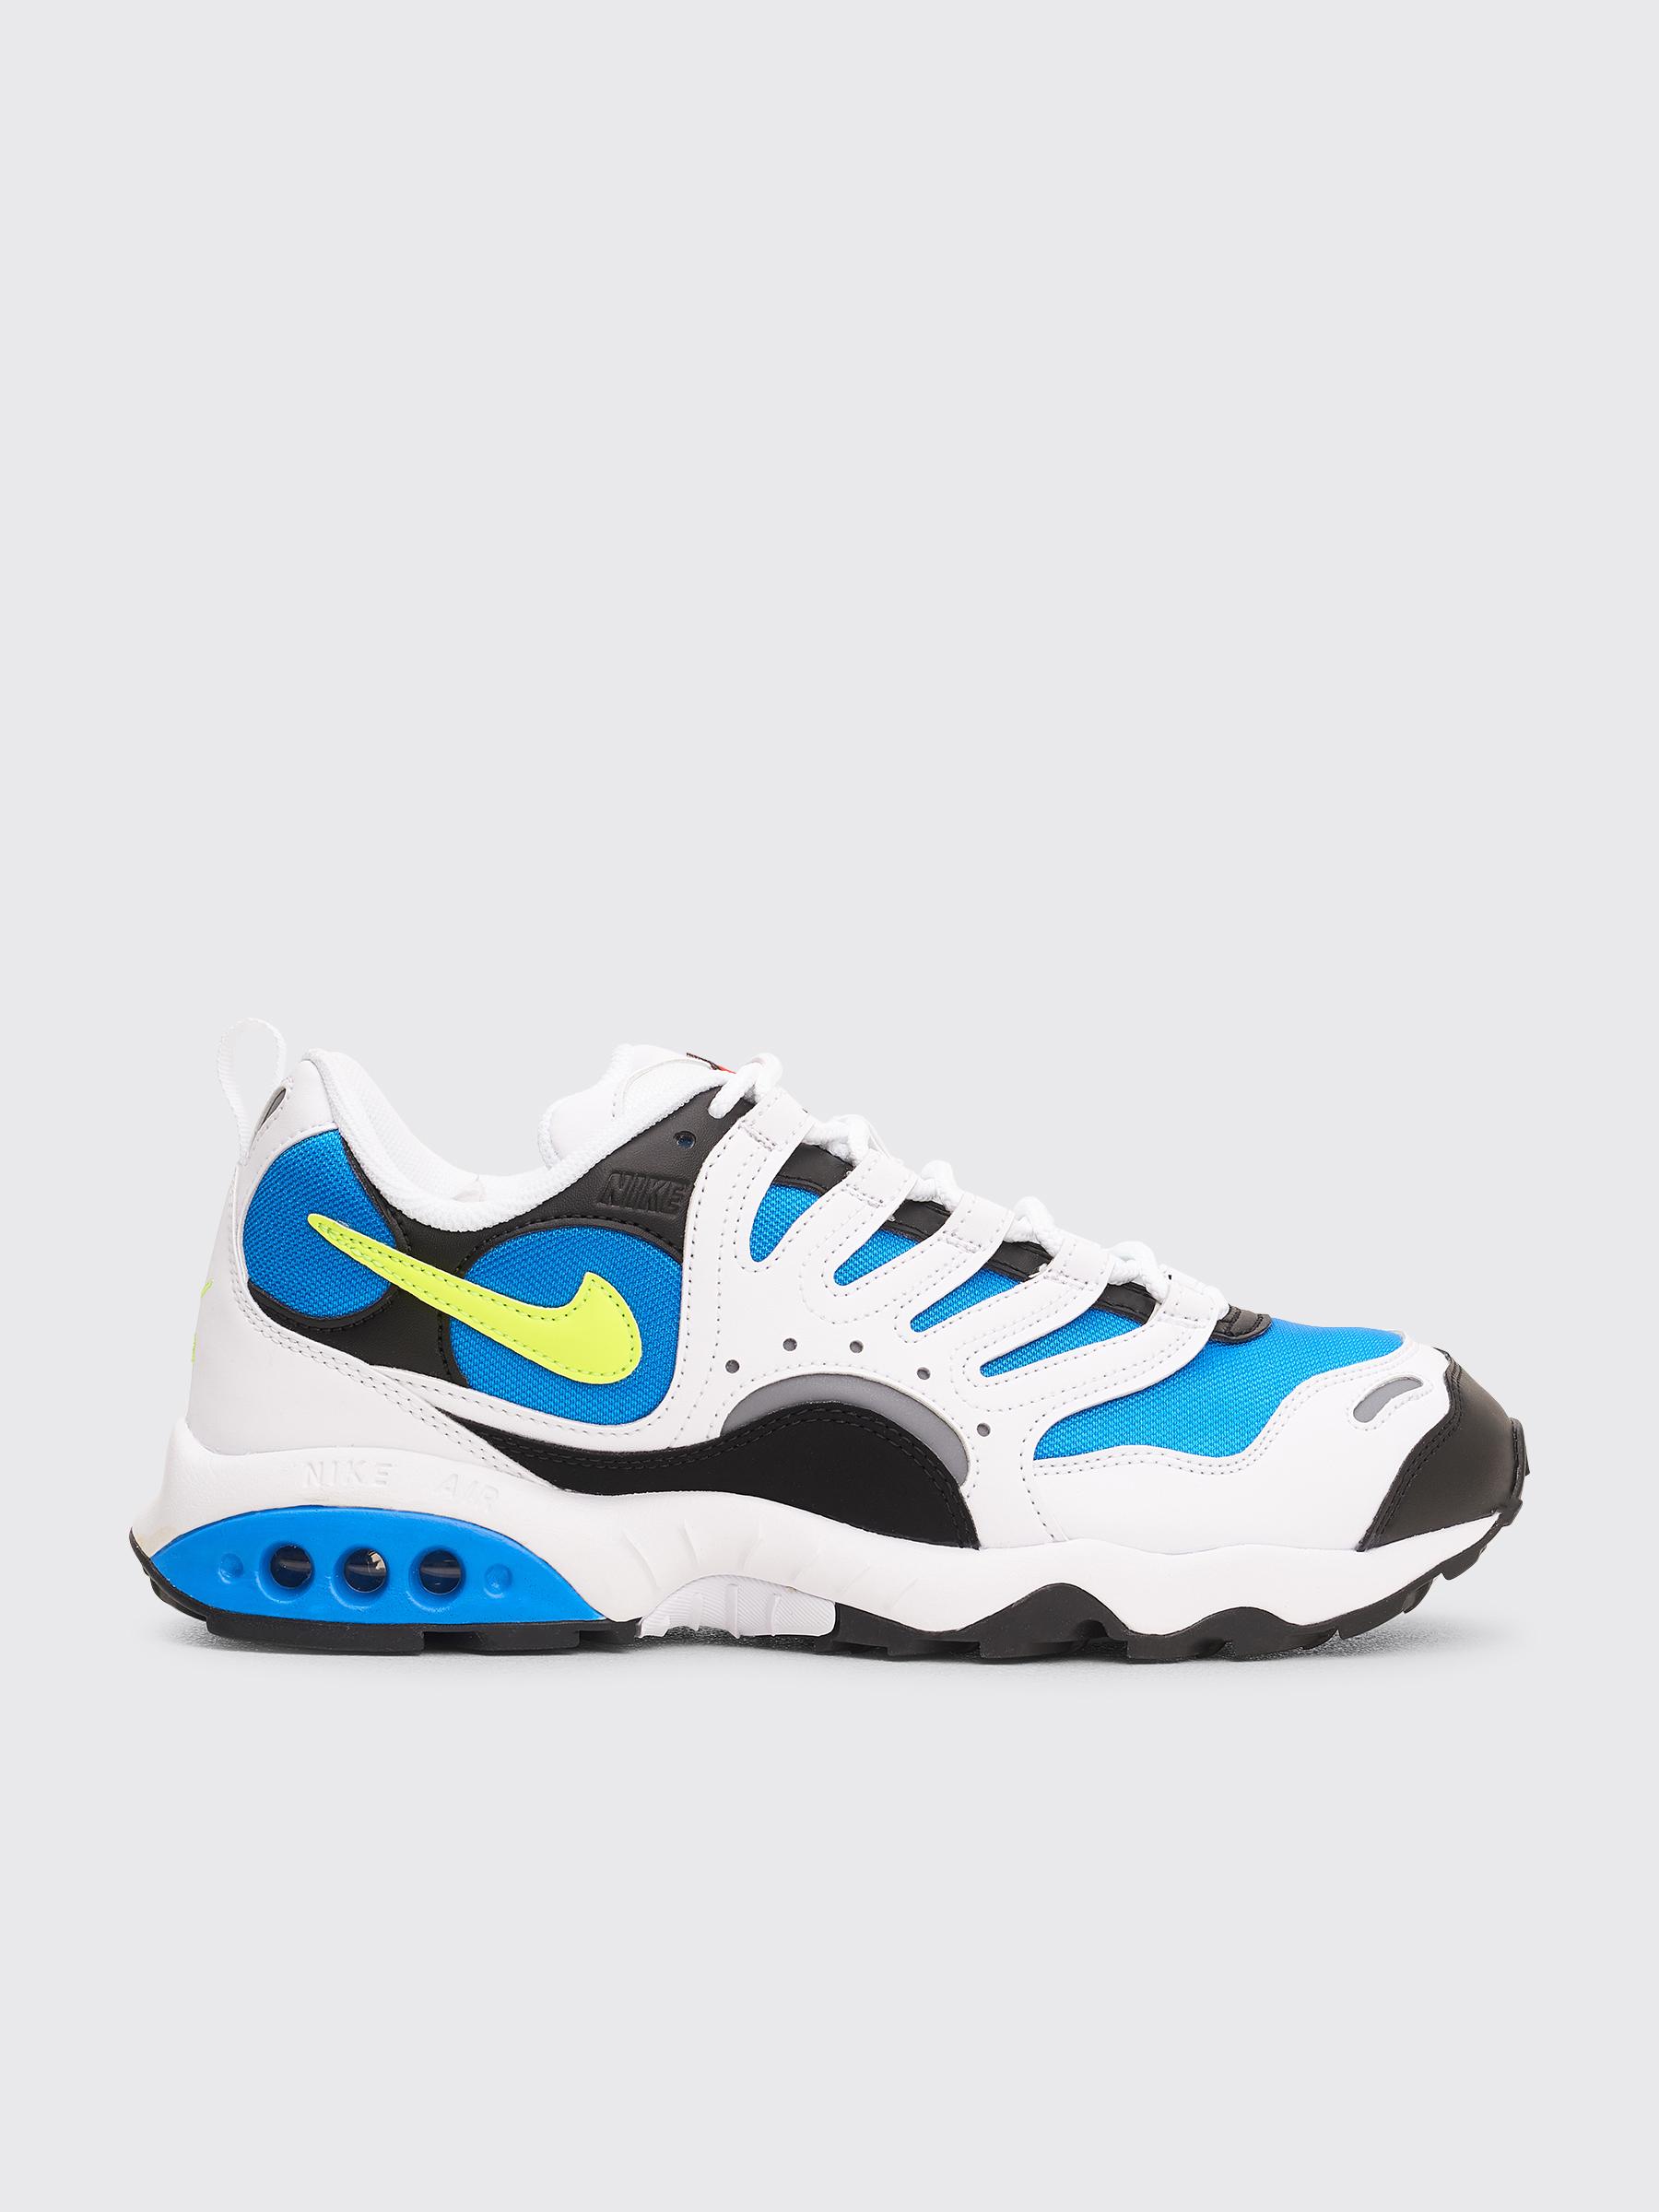 finest selection 0c89e db332 Très Bien - Nike Air Terra Humara  18 White   Volt   Photo Blue